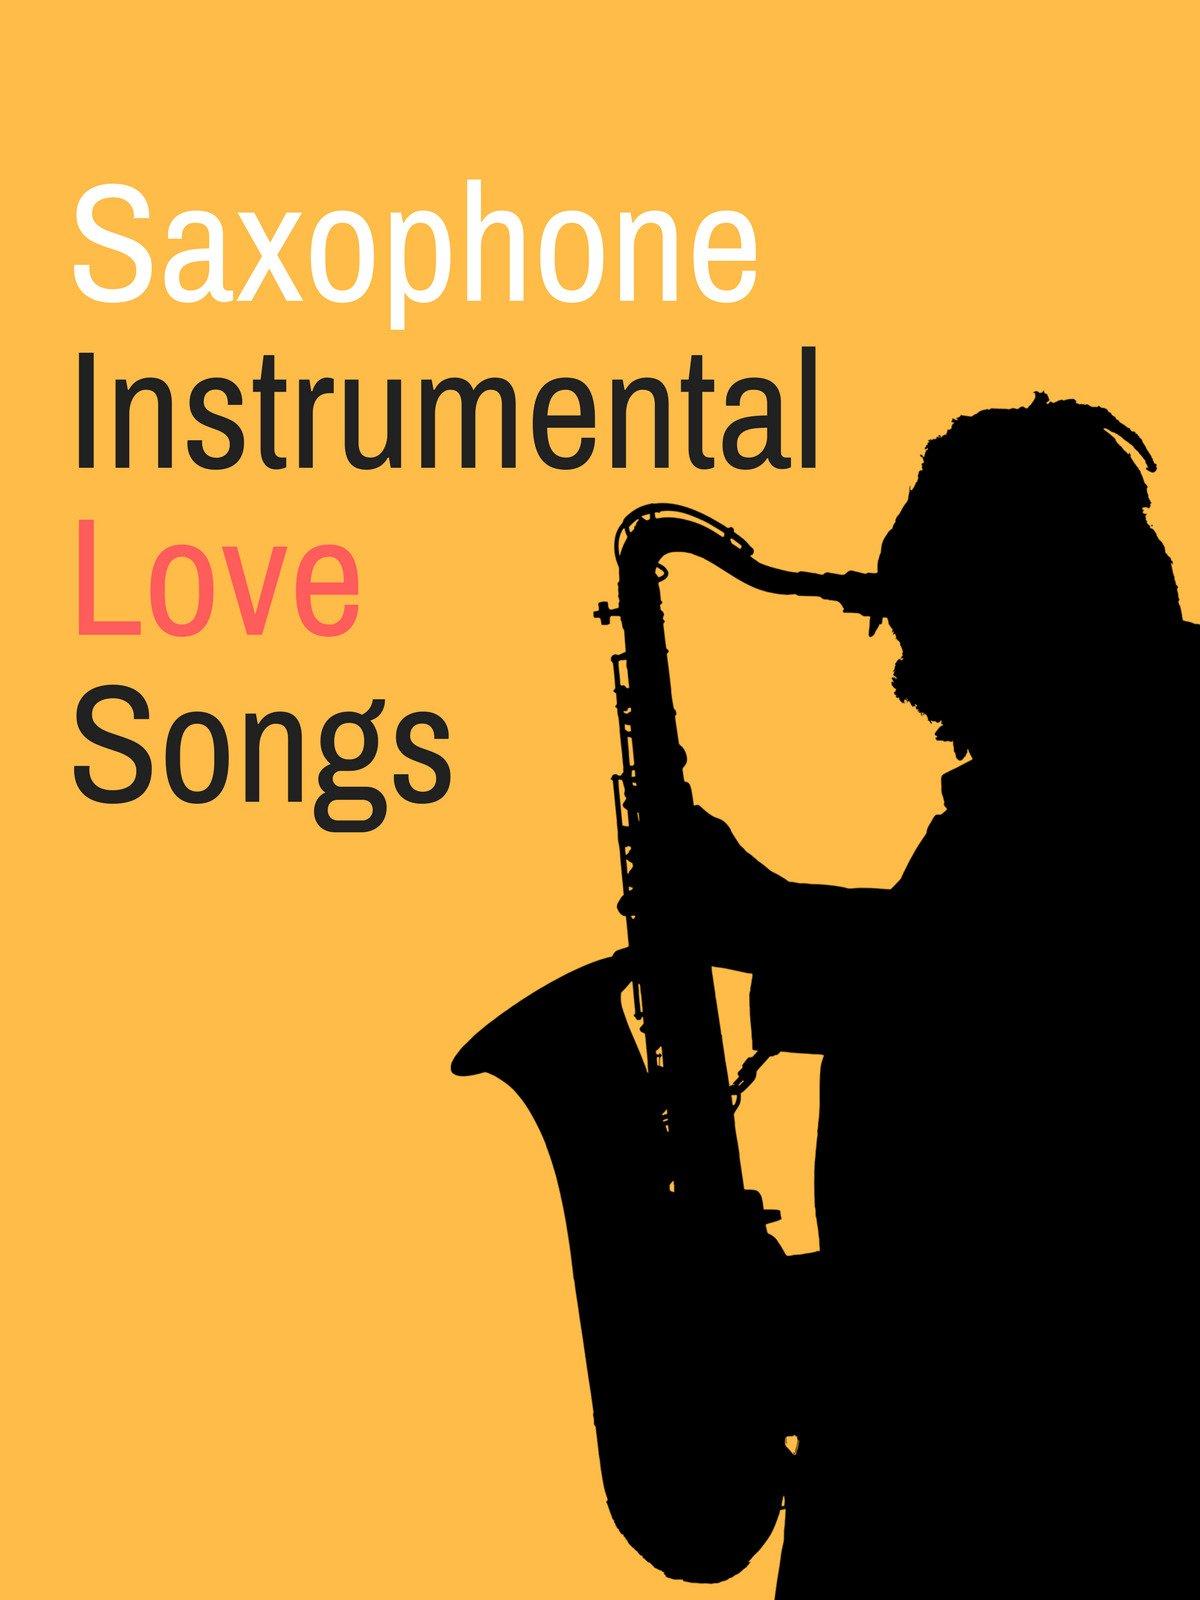 Saxophone Instrumental Love Songs